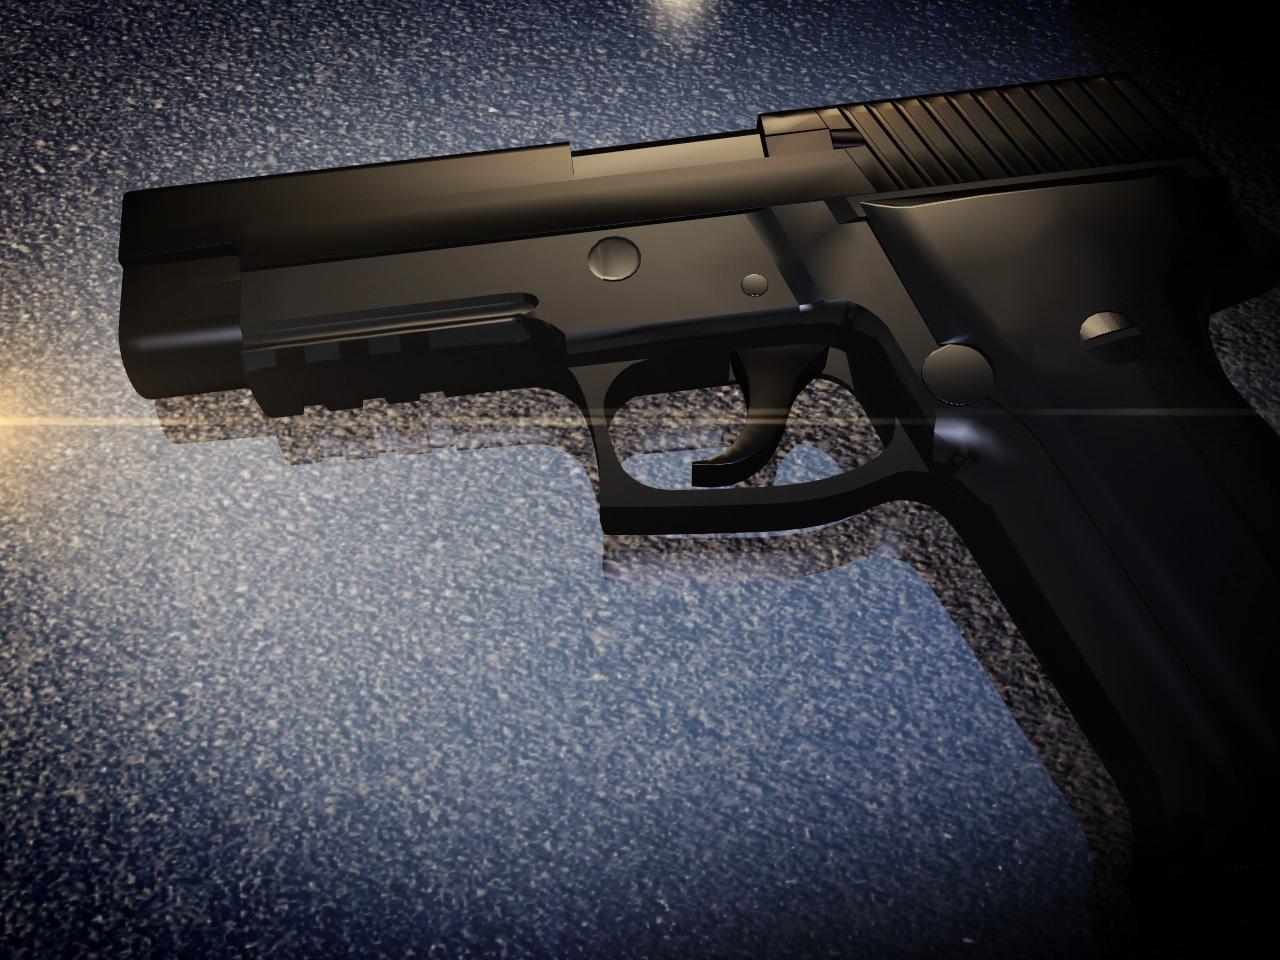 Shooting gun_1547693332720.jpg.jpg